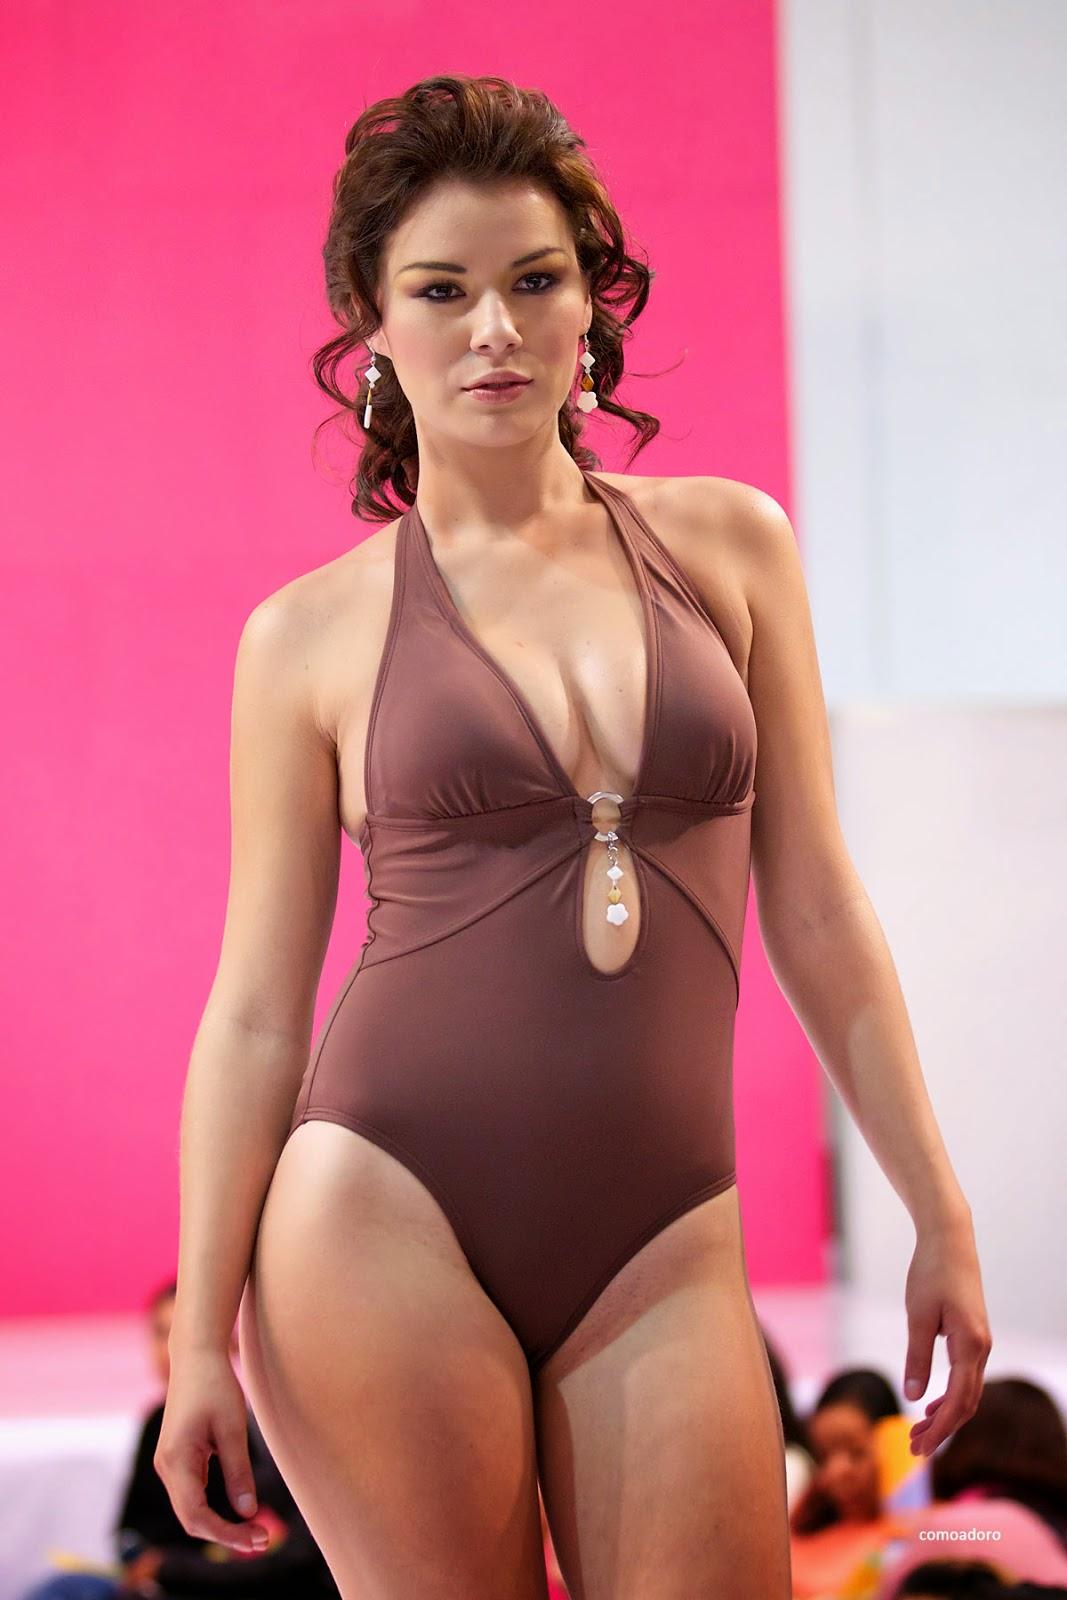 Fotos de chicas mujeres en microbikinis modelos nalgonas for Modelos de baneras para bano